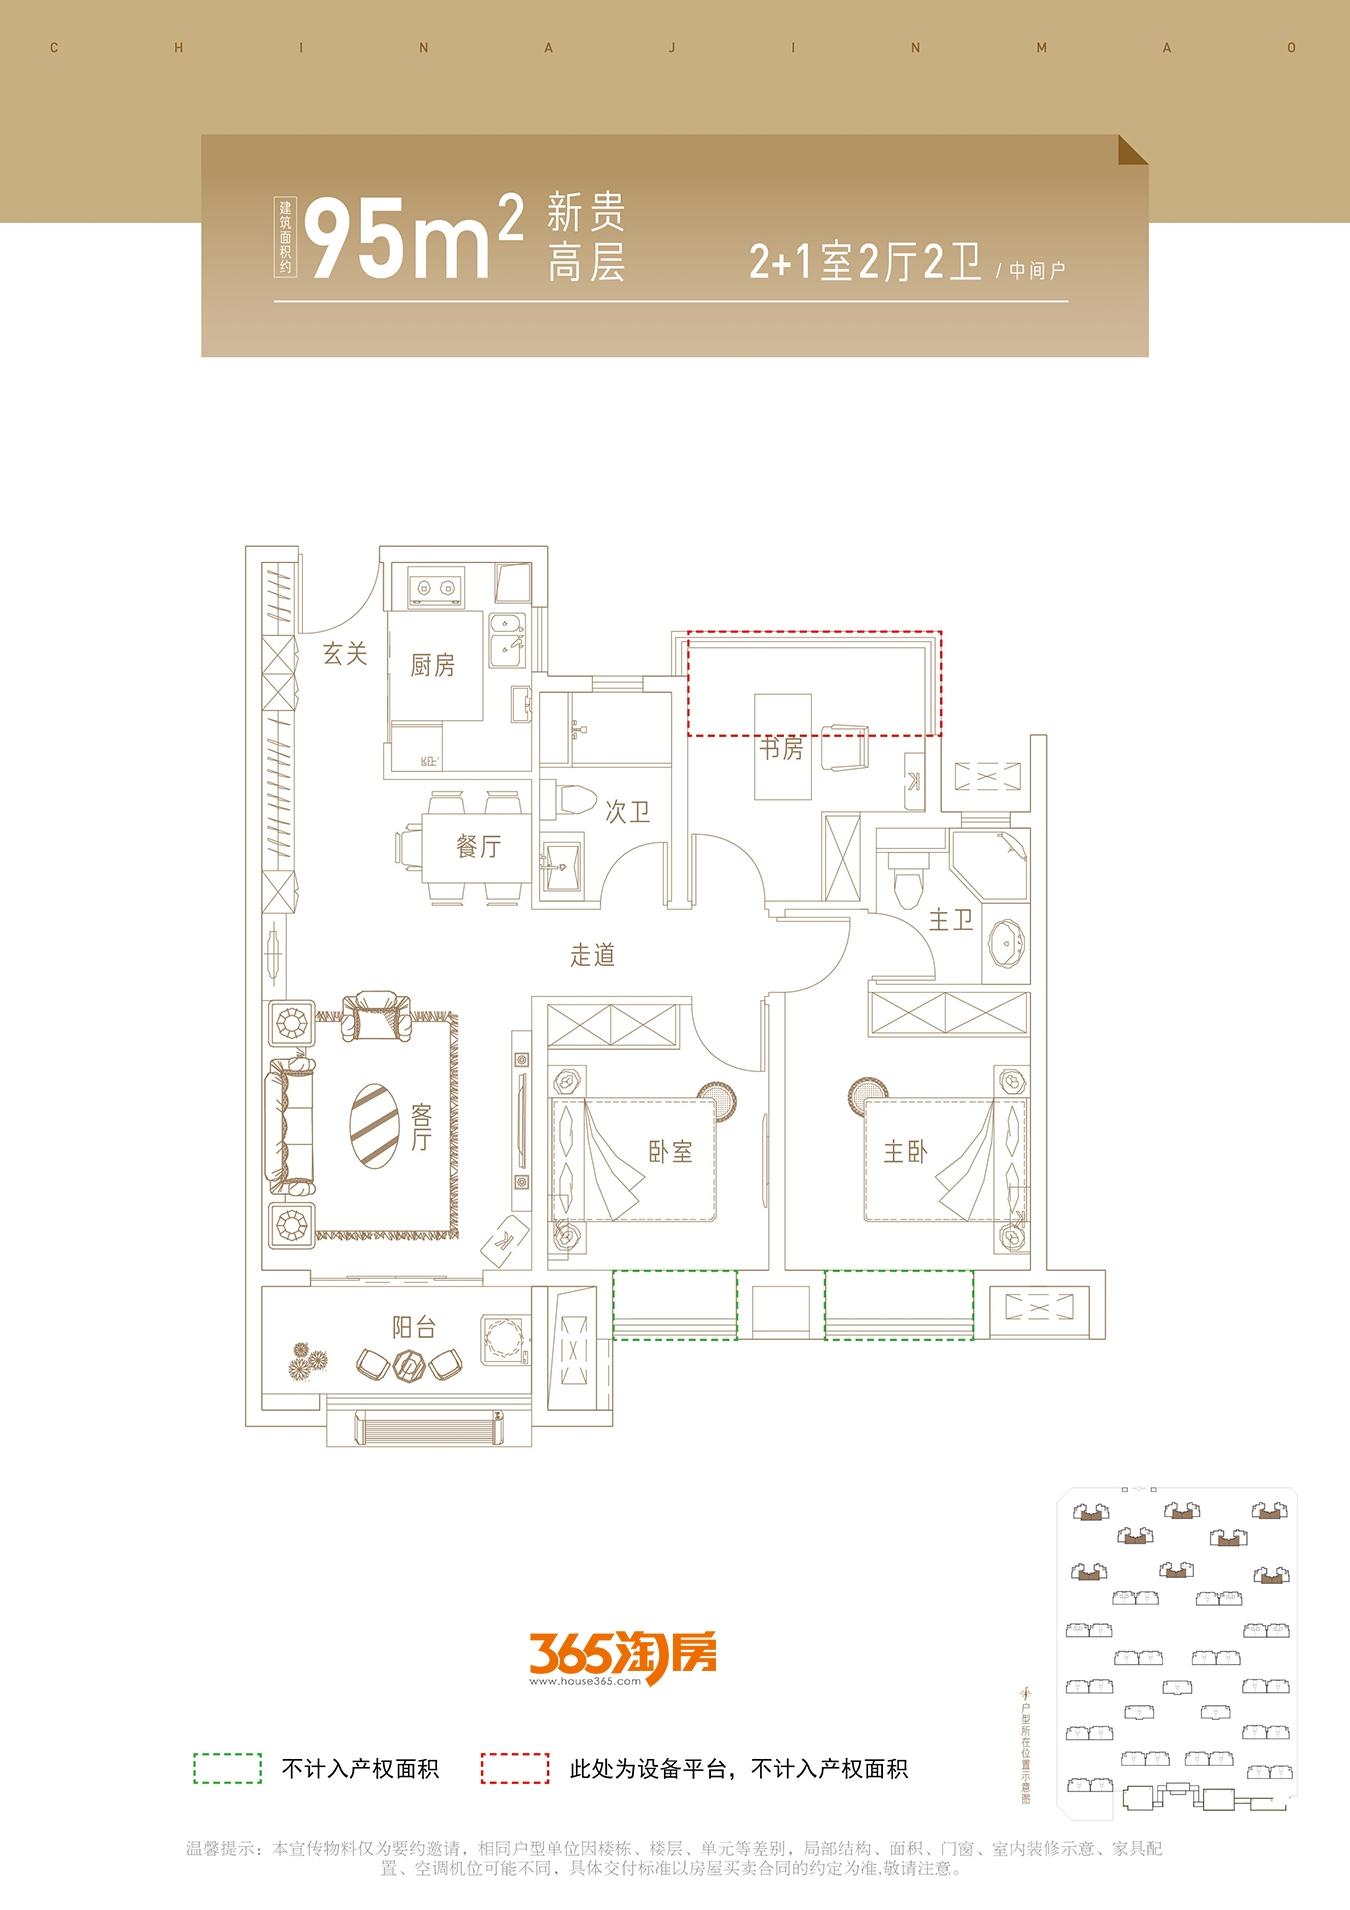 滨湖金茂悦95㎡中间户户型图